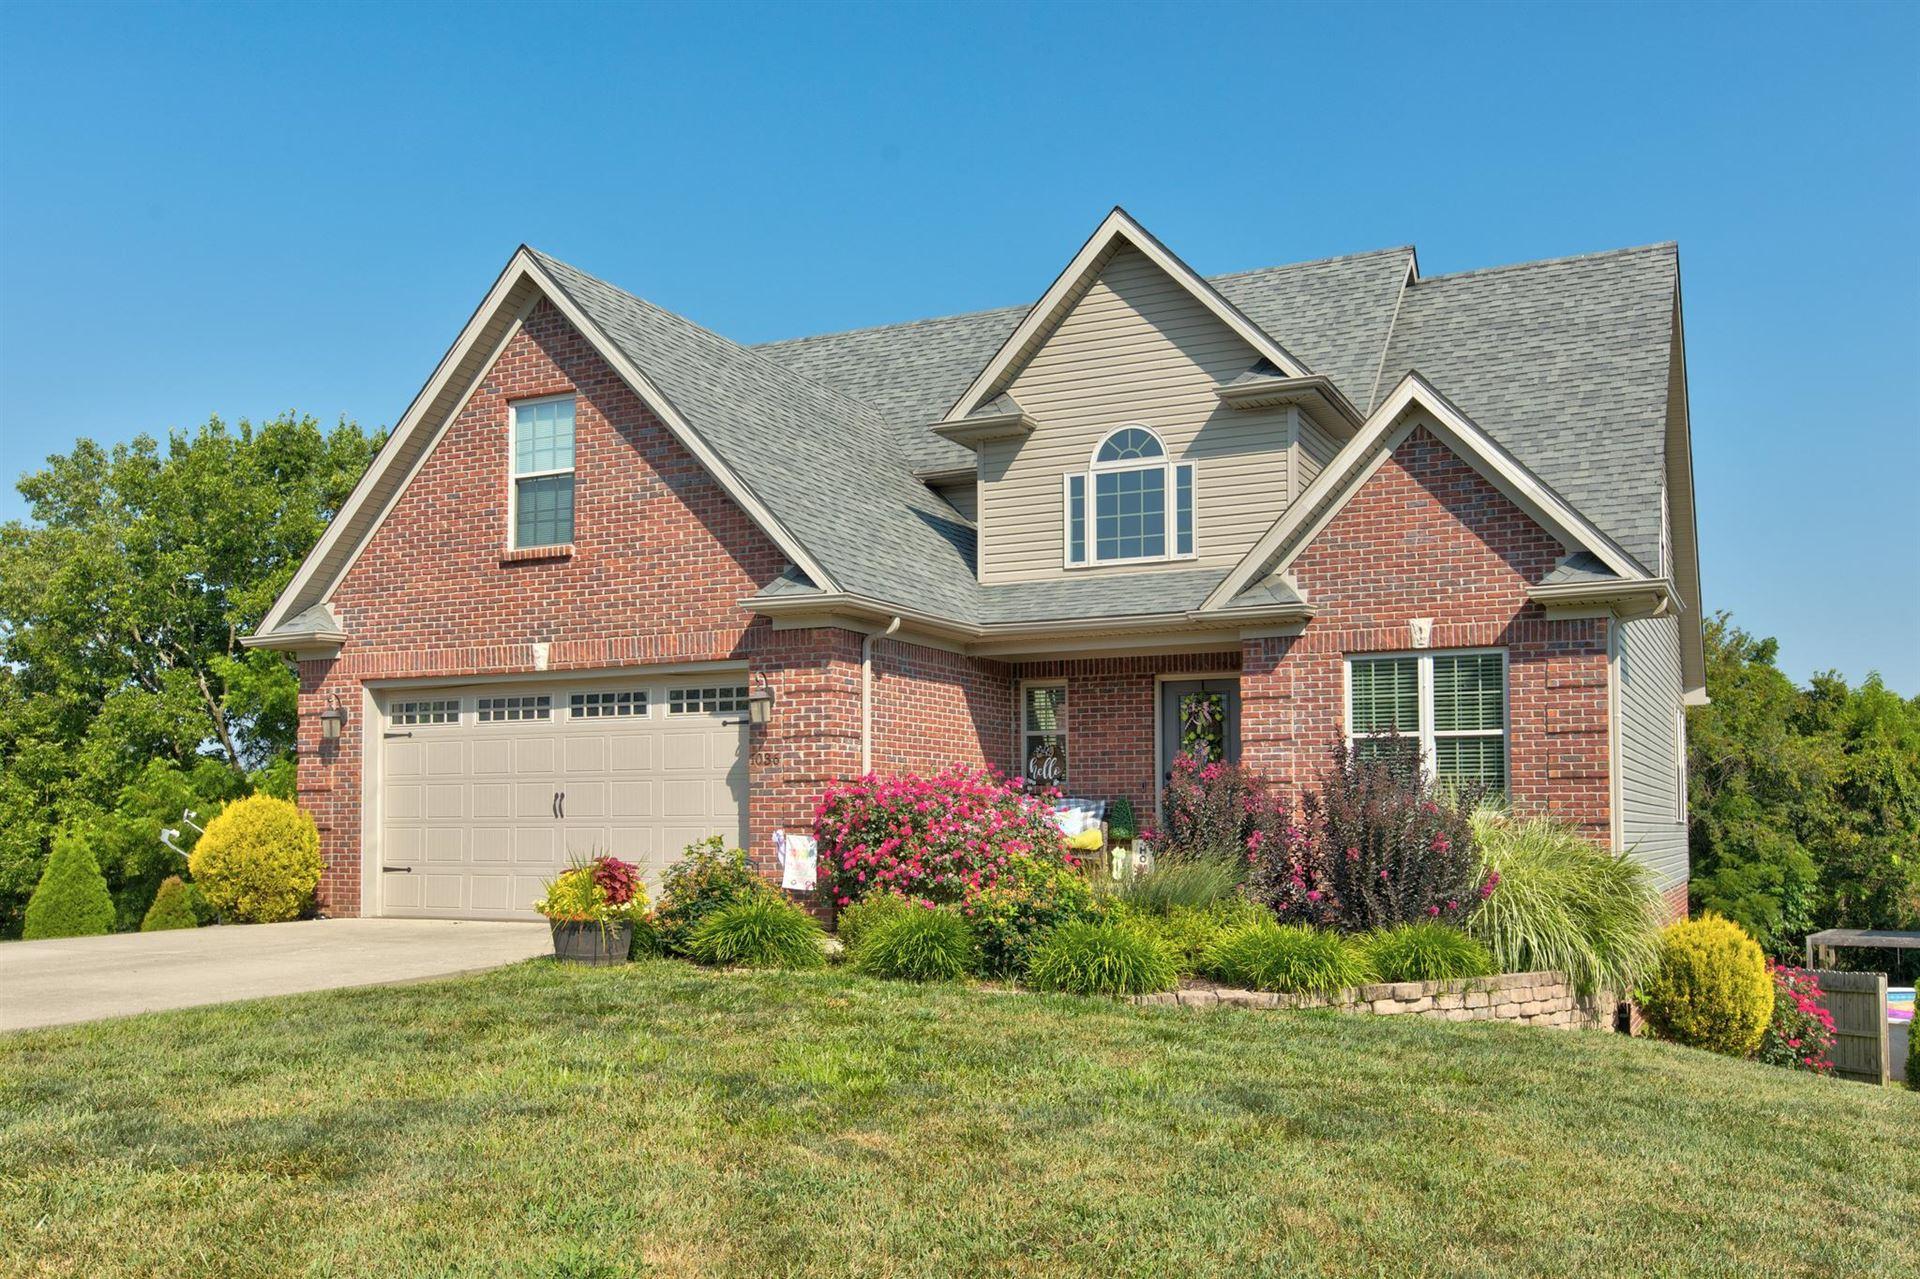 1036 Ashlyn Drive, Mount Sterling, KY 40353 - MLS#: 20120398